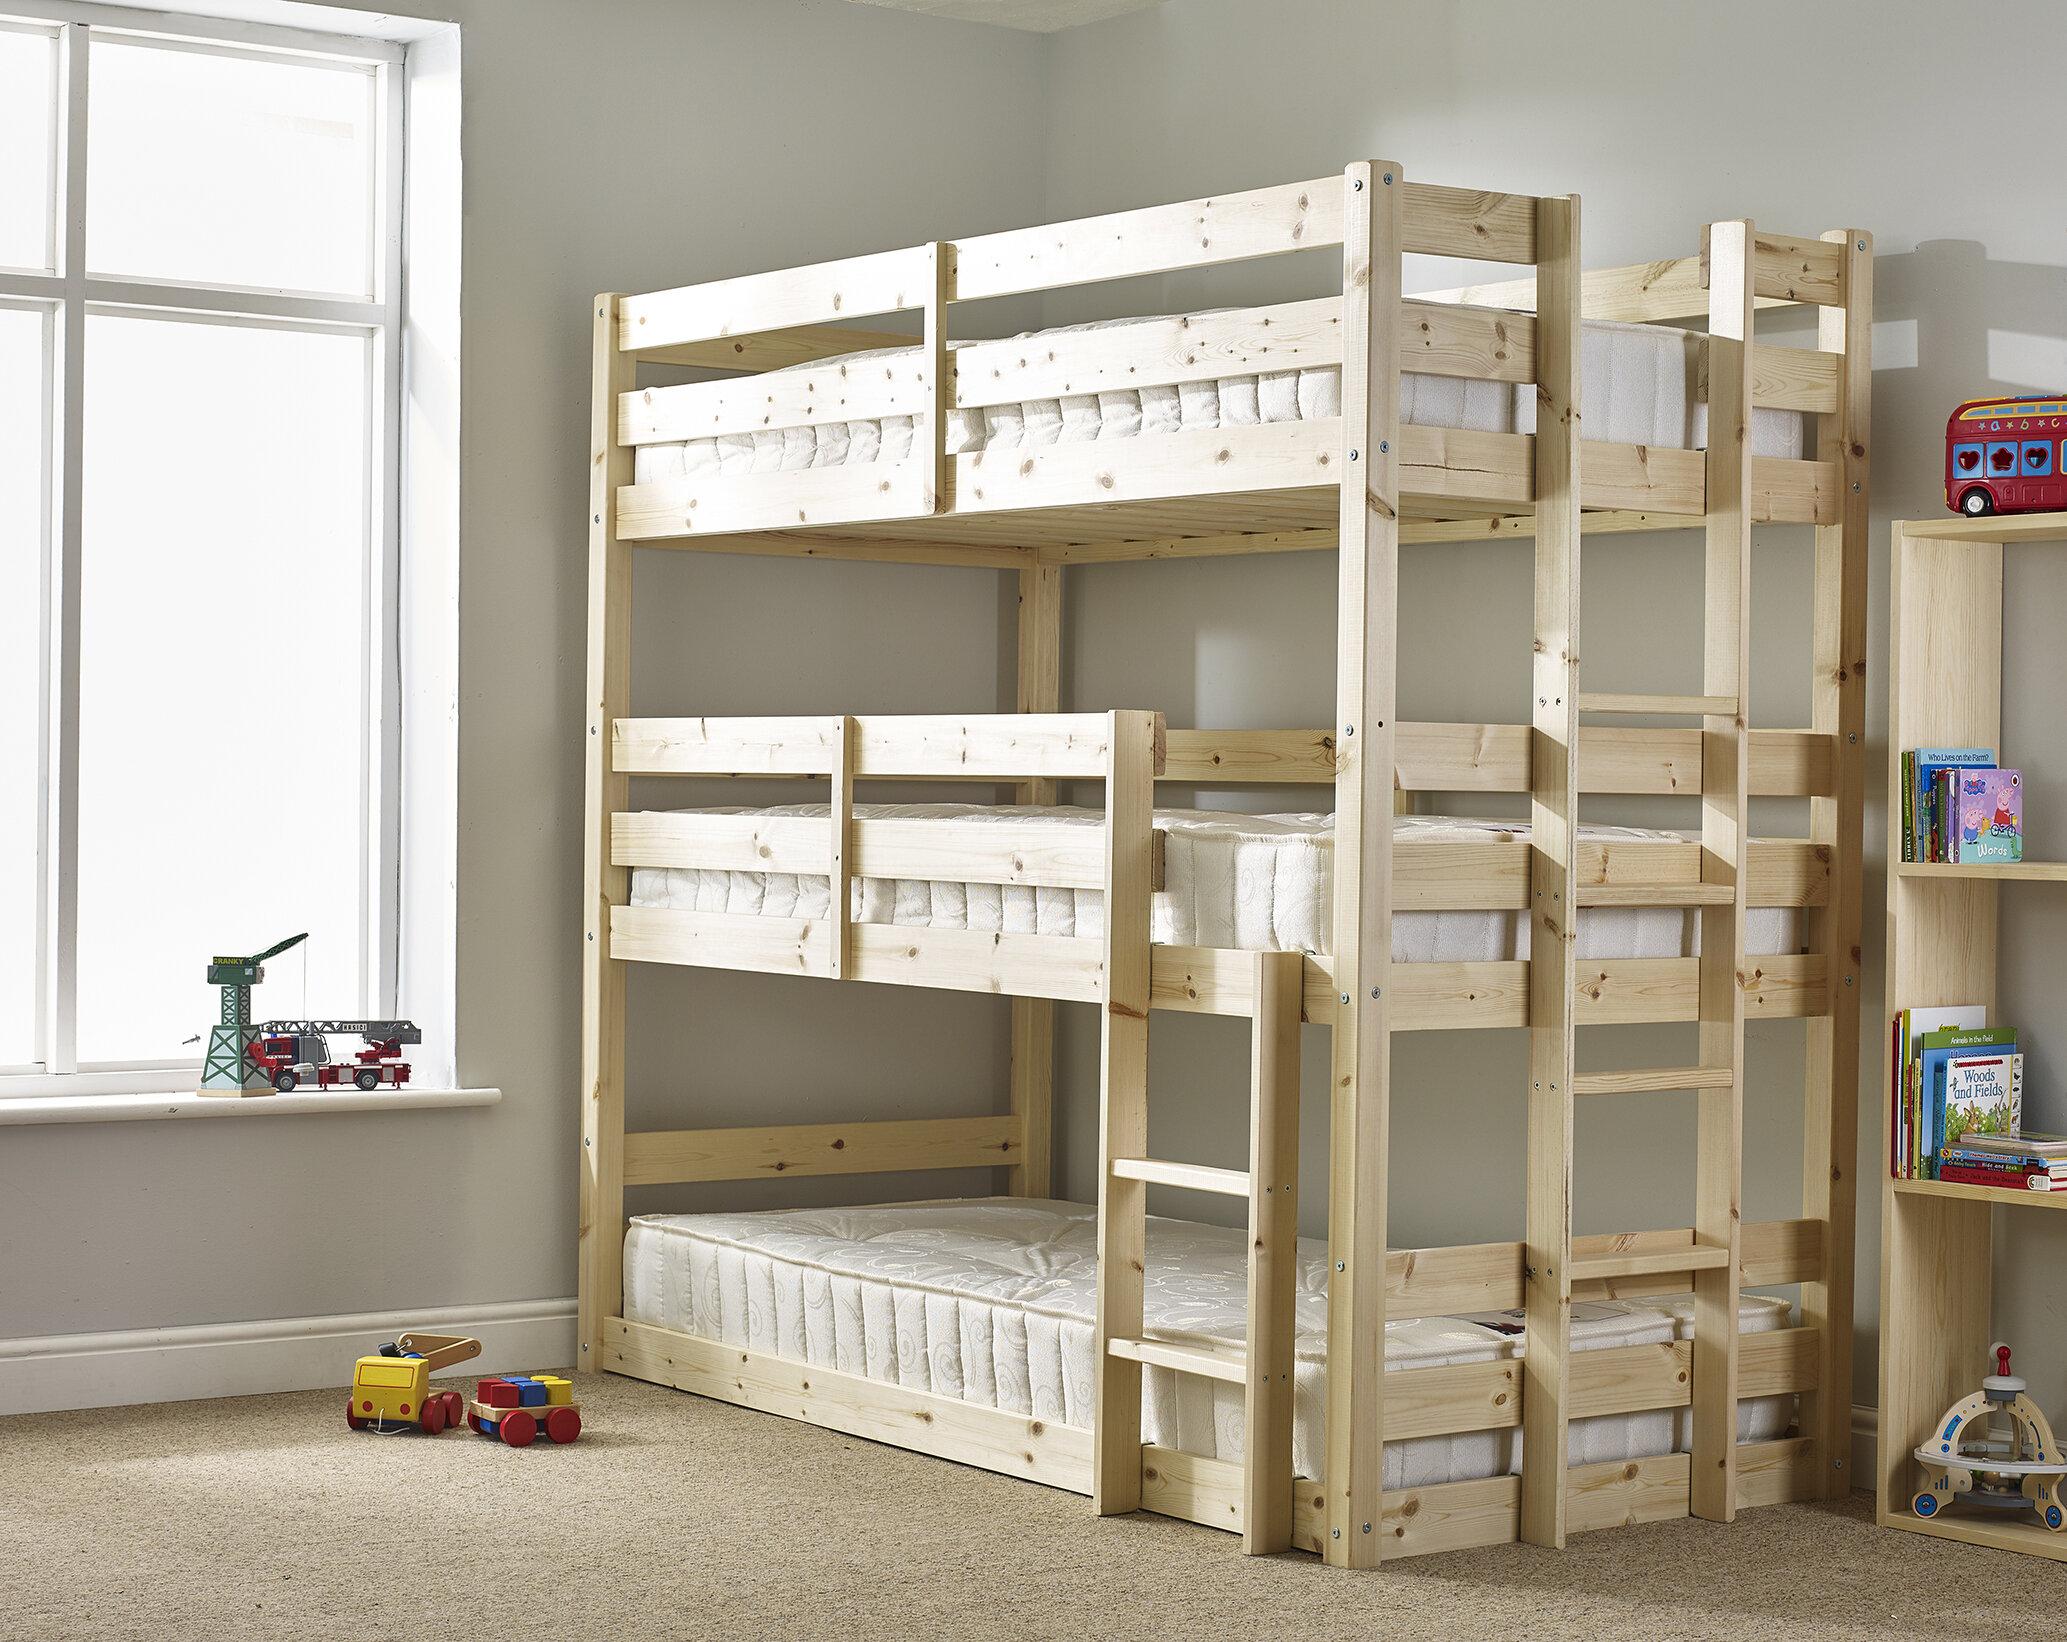 Just Kids Derby 3 Tier Triple Sleeper Bunk Bed Reviews Wayfair Co Uk